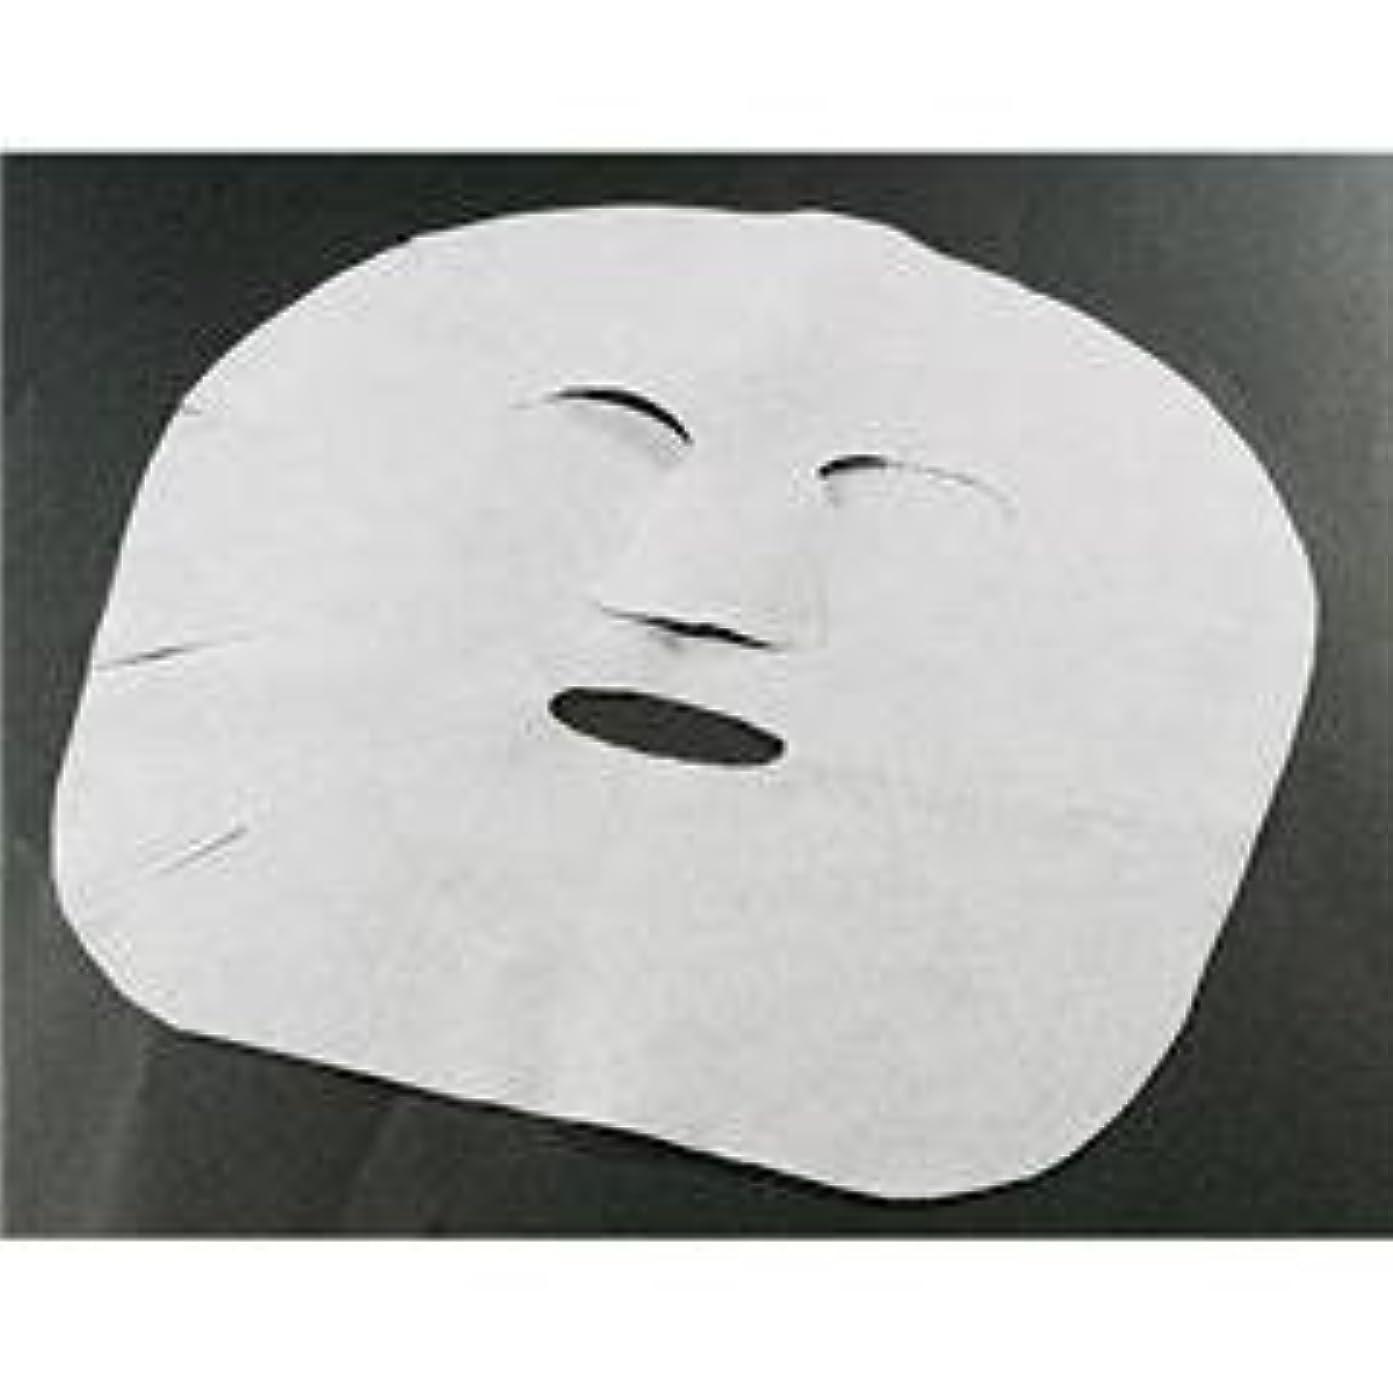 膨張する消化病な大きめ エステ仕様 フェイスシート マスク 100枚/不織布タイプ